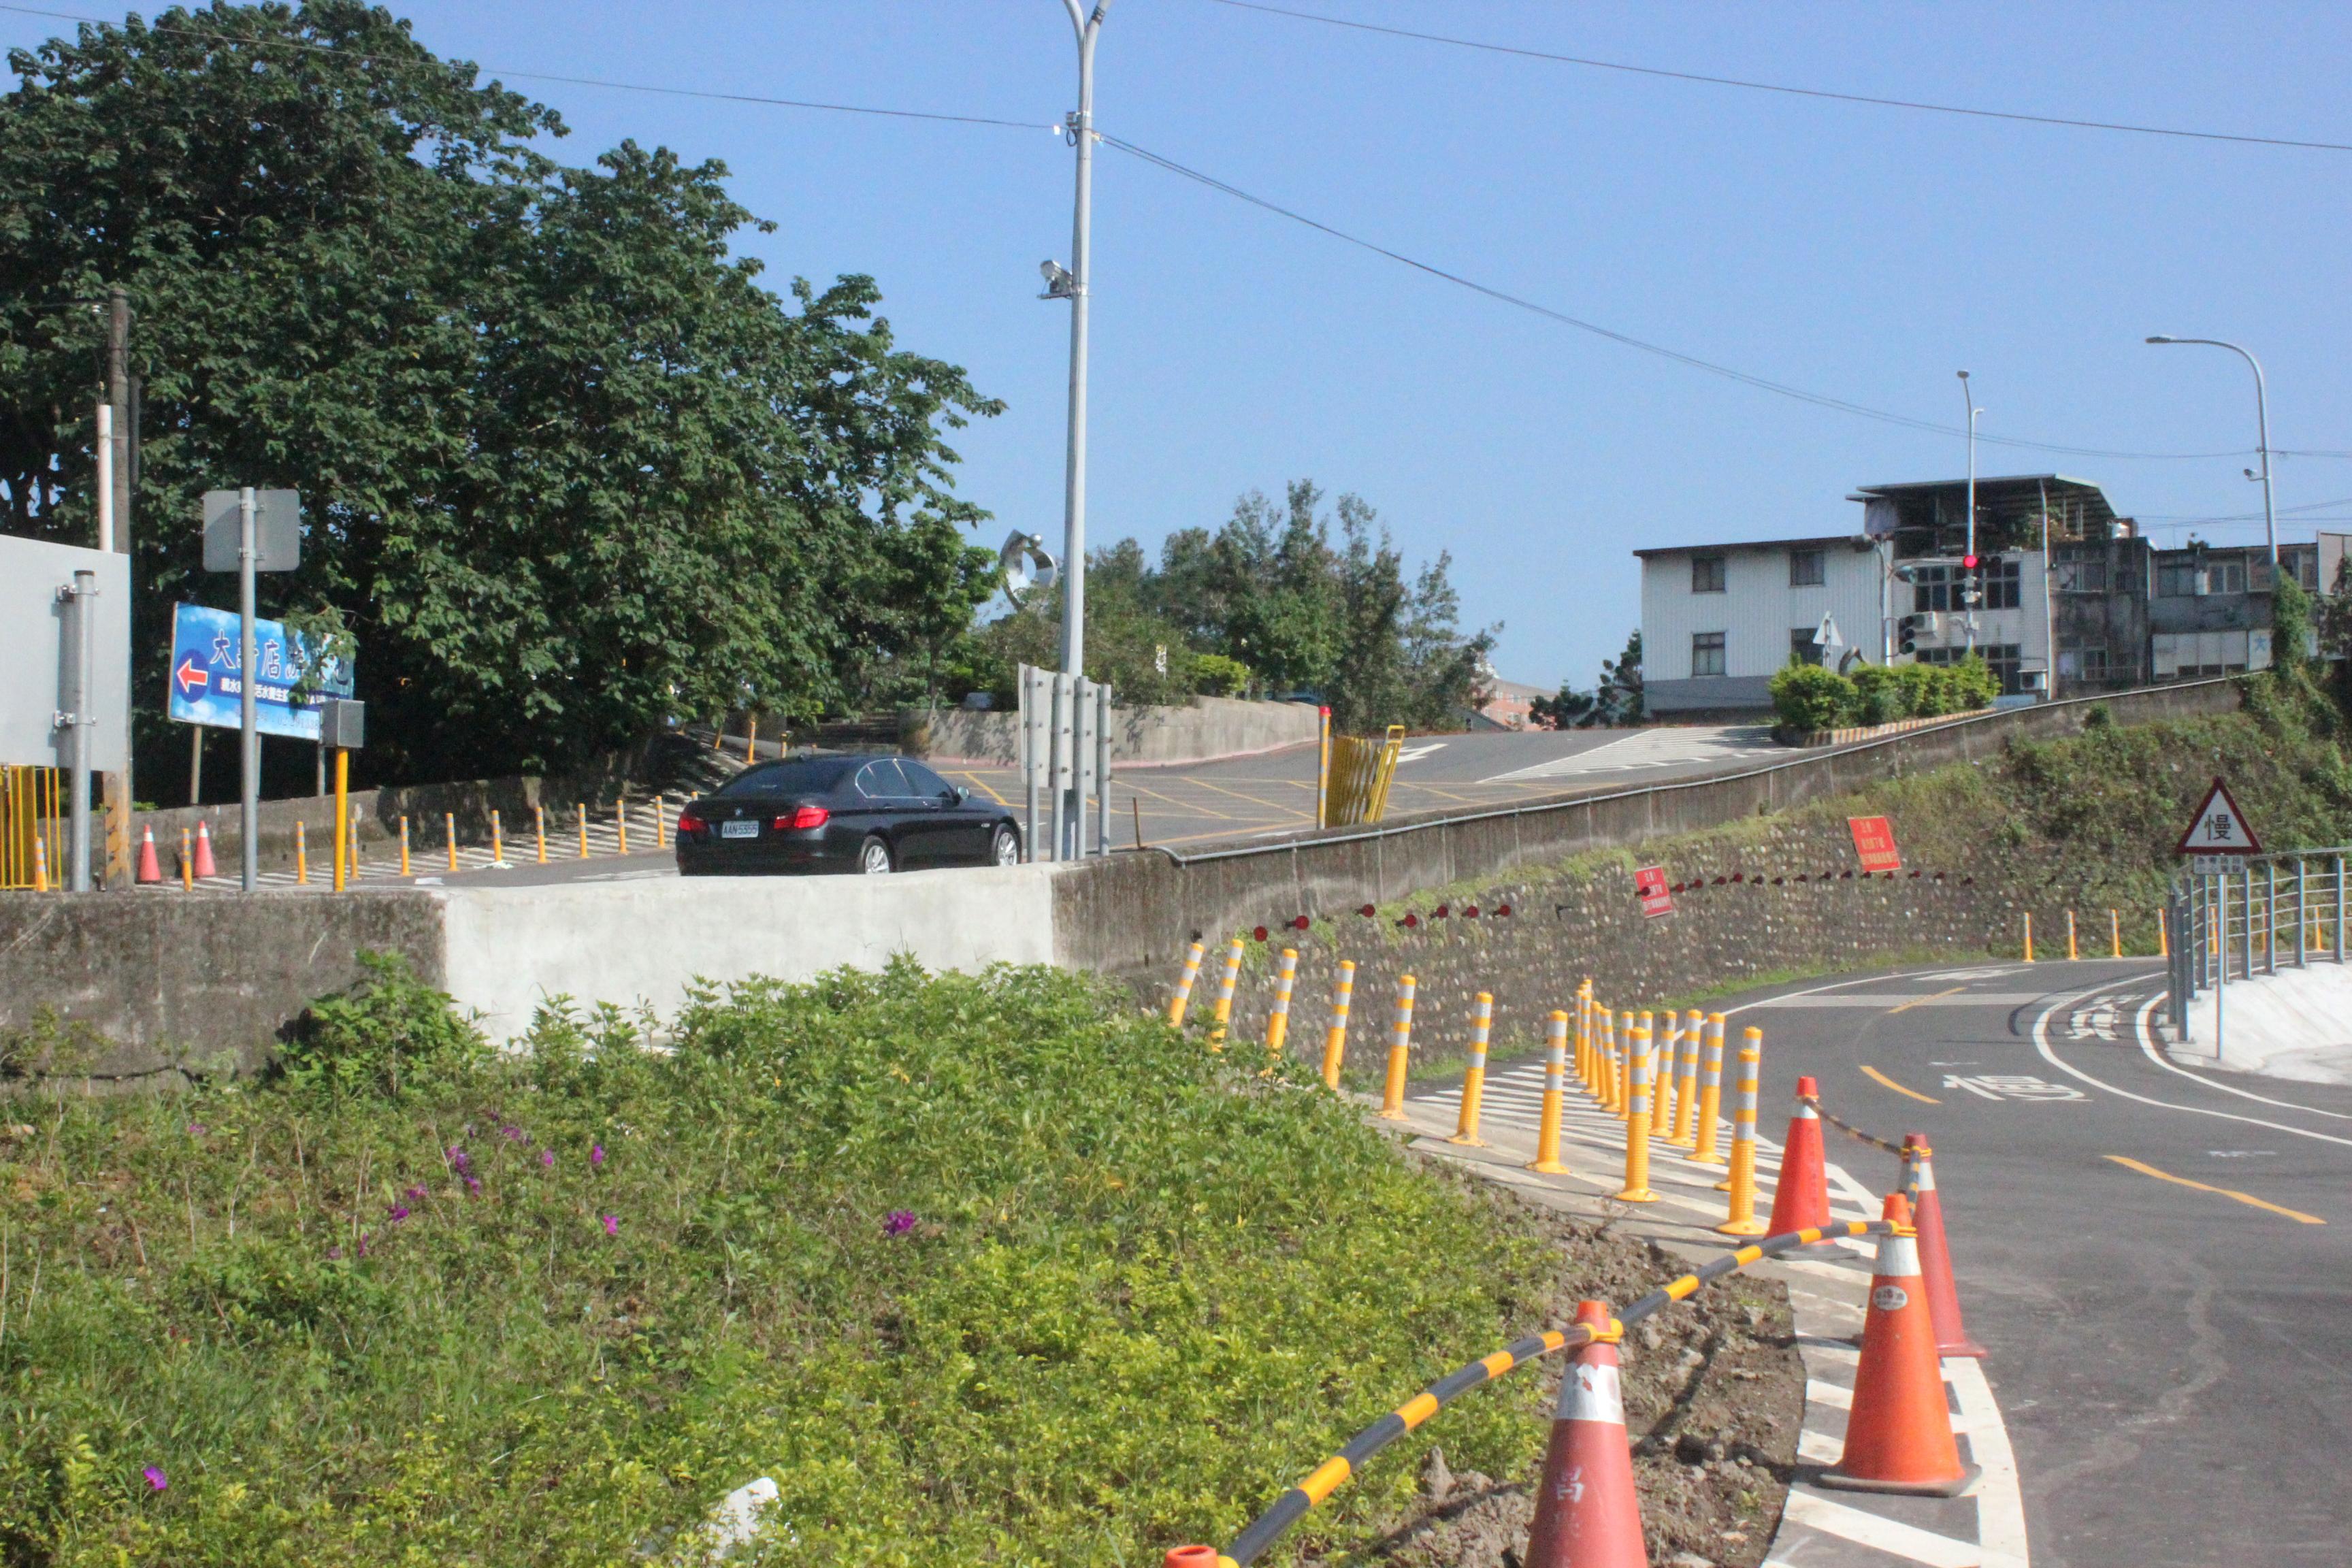 既有停車場出入口位於急降坡路段易發生危險,現已遷移。攝影/蔡郁萱